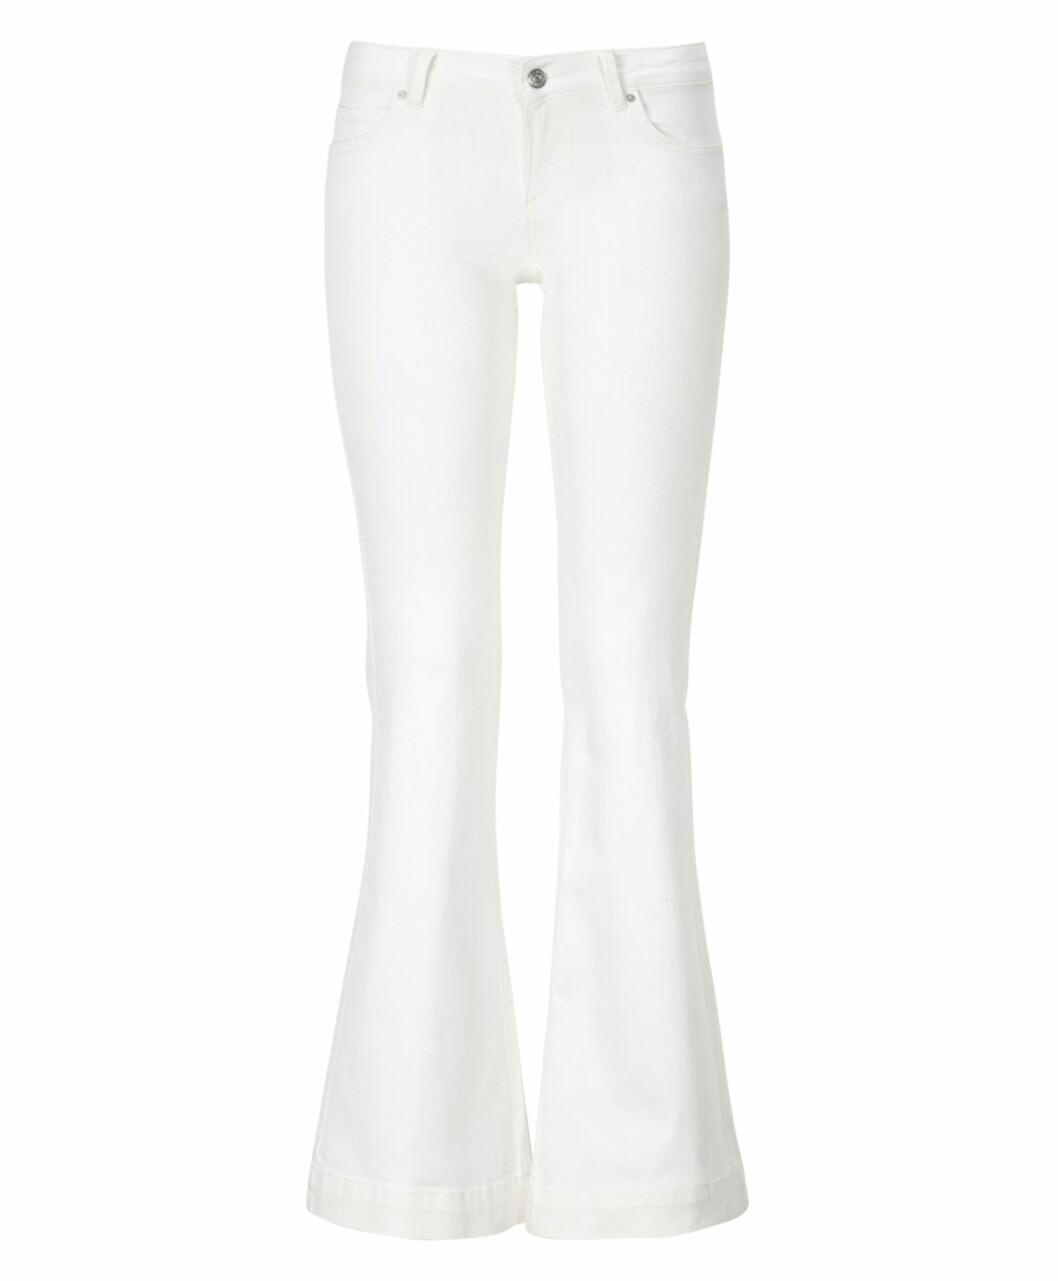 Jeans fra Gina Tricot, kr 399. Foto: Produsenten